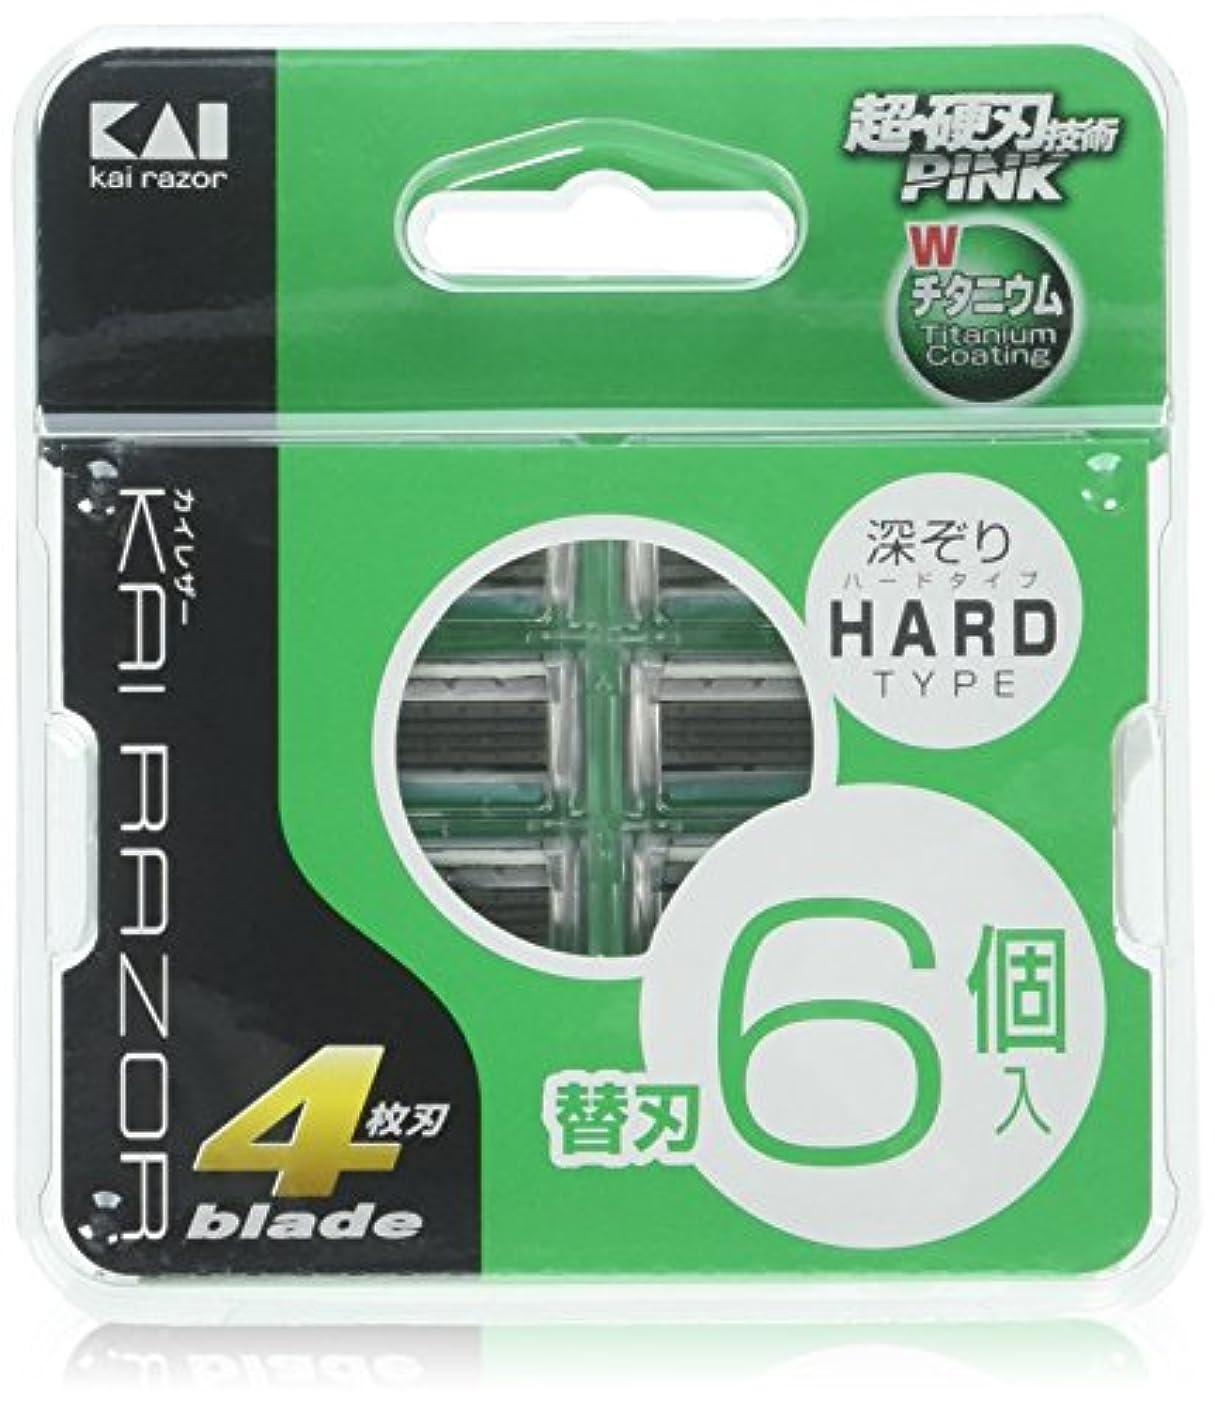 開梱関係するガイドカイレザー 4枚替刃 6P